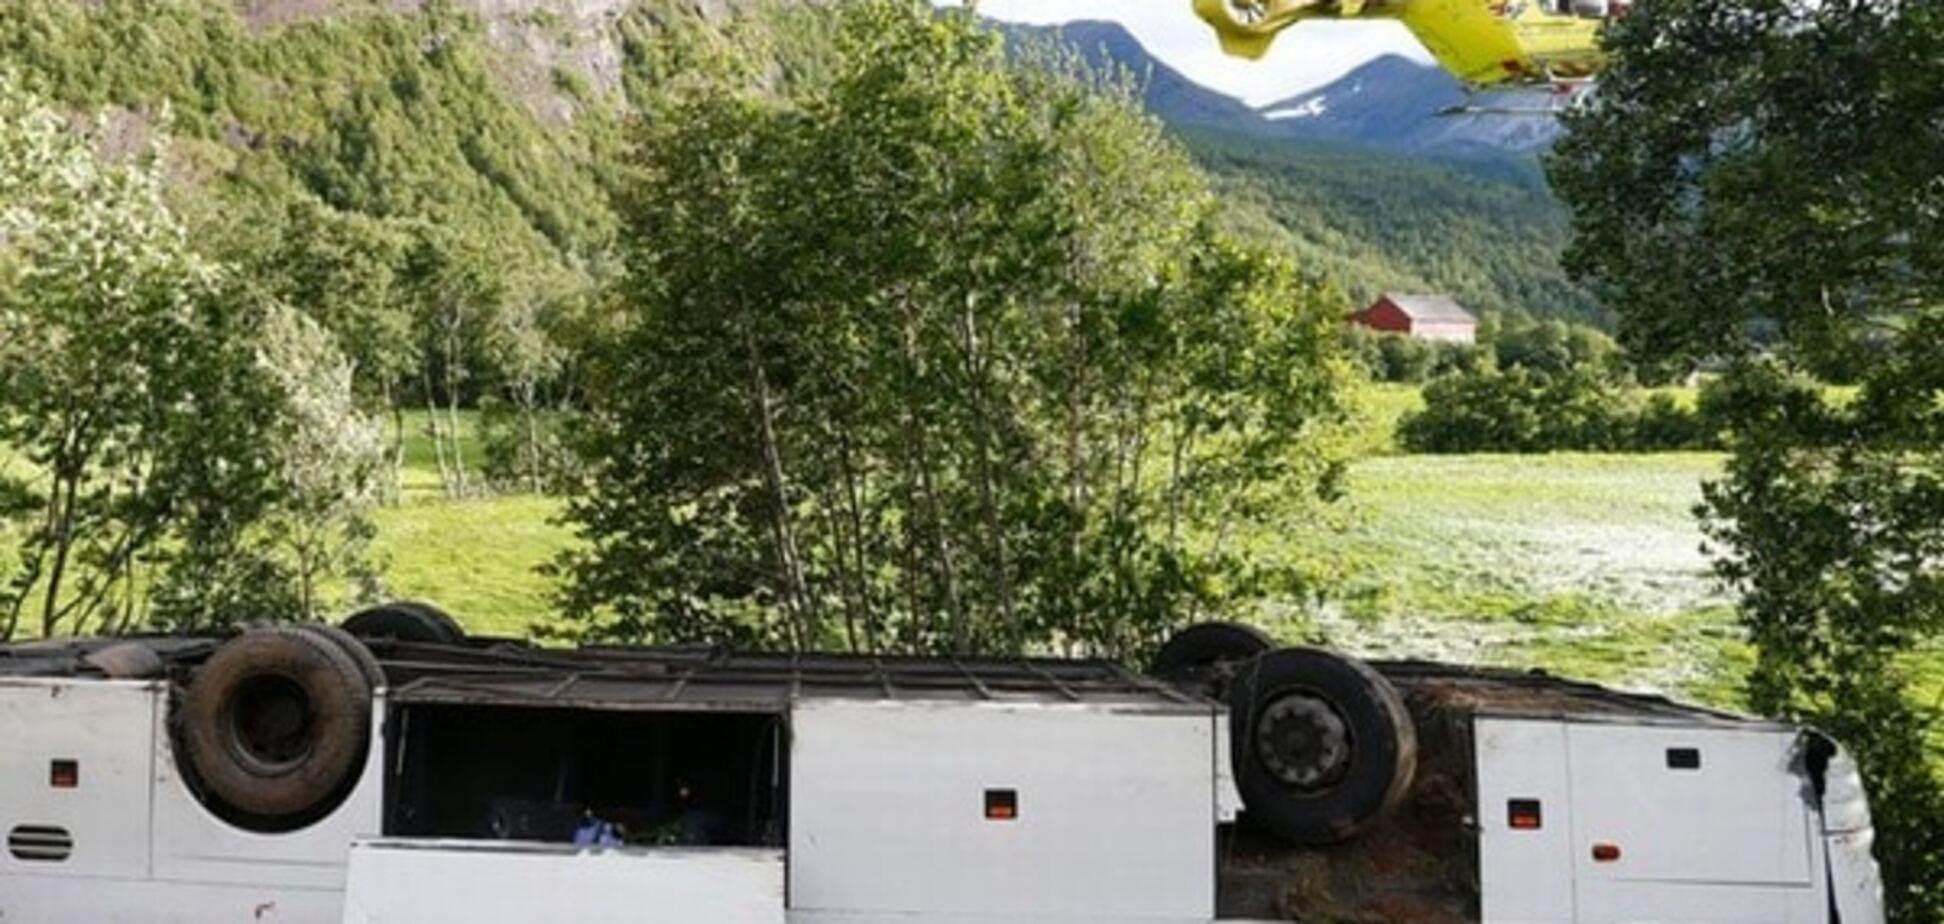 ДТП в Норвегии